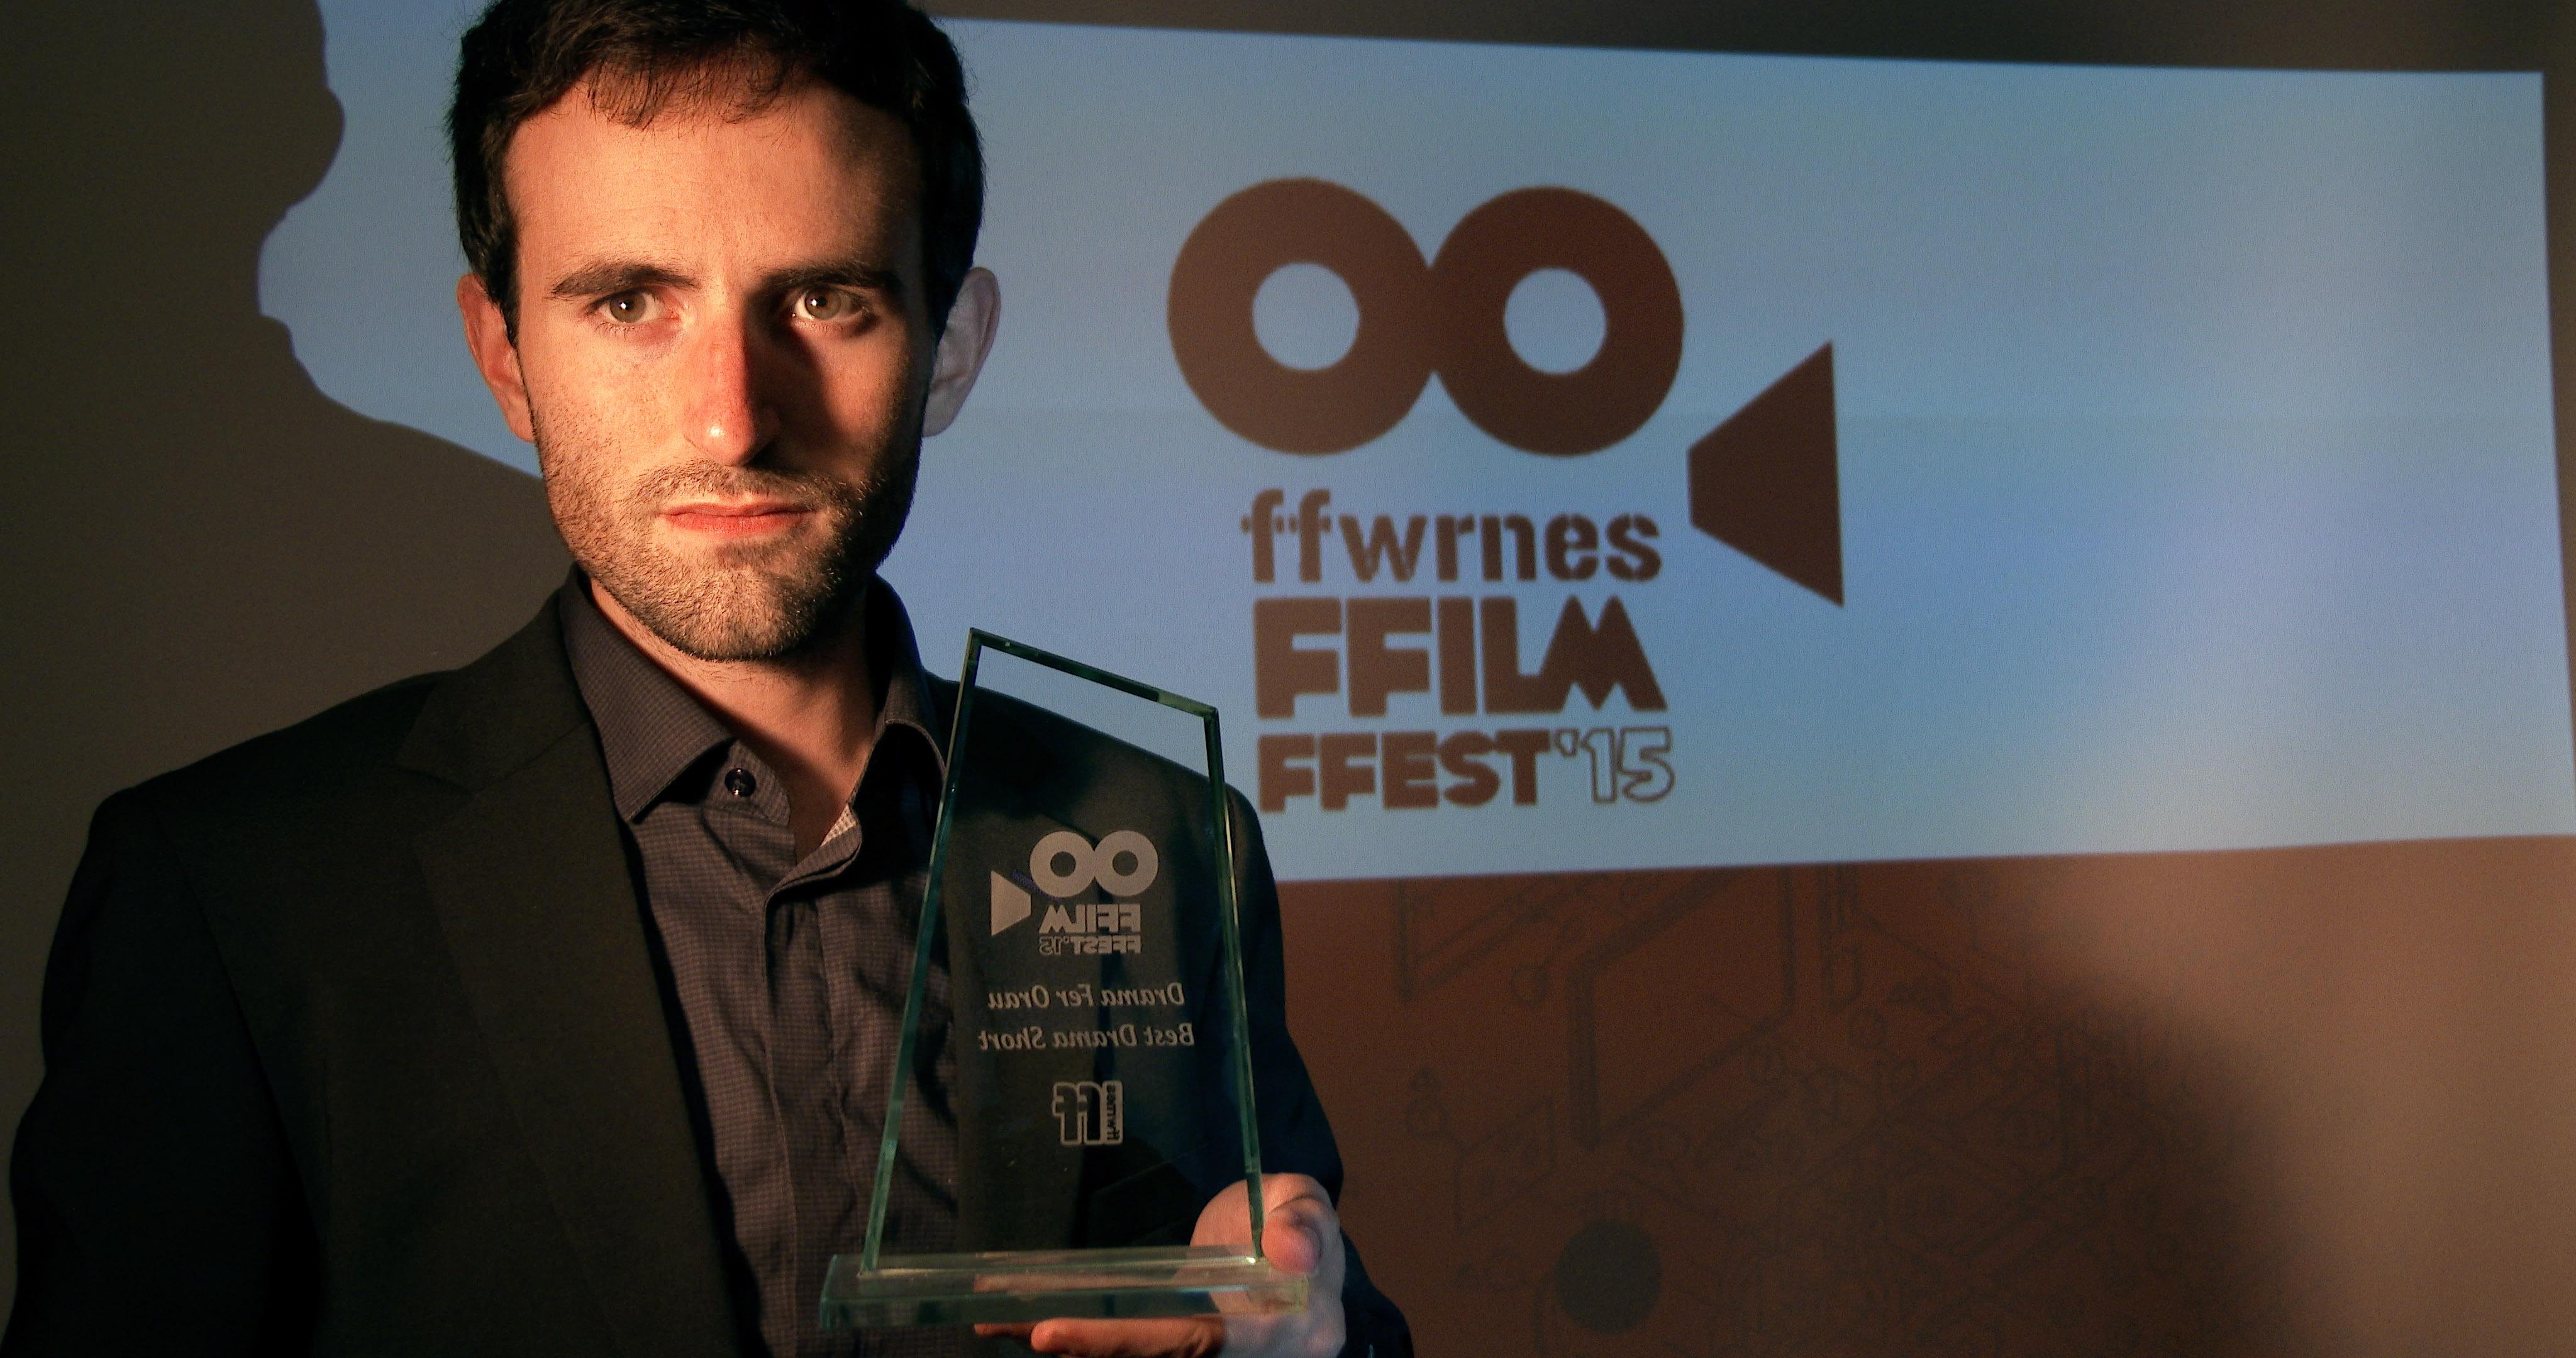 Ffwrnes Premio Mejor Cortometraje Dramático La Condena Marc Nadal